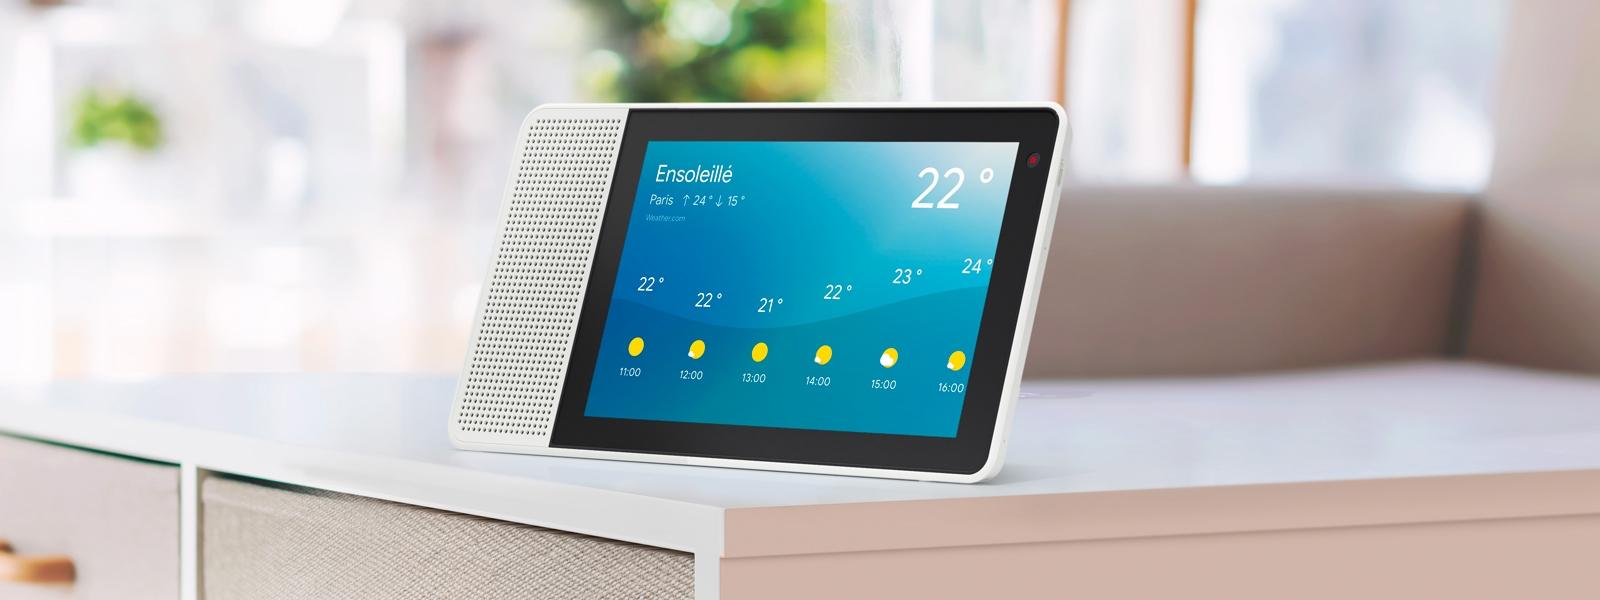 Lenovo Smart Display vous aide à préparer votre journée en vous informant sur les prévisions météo.